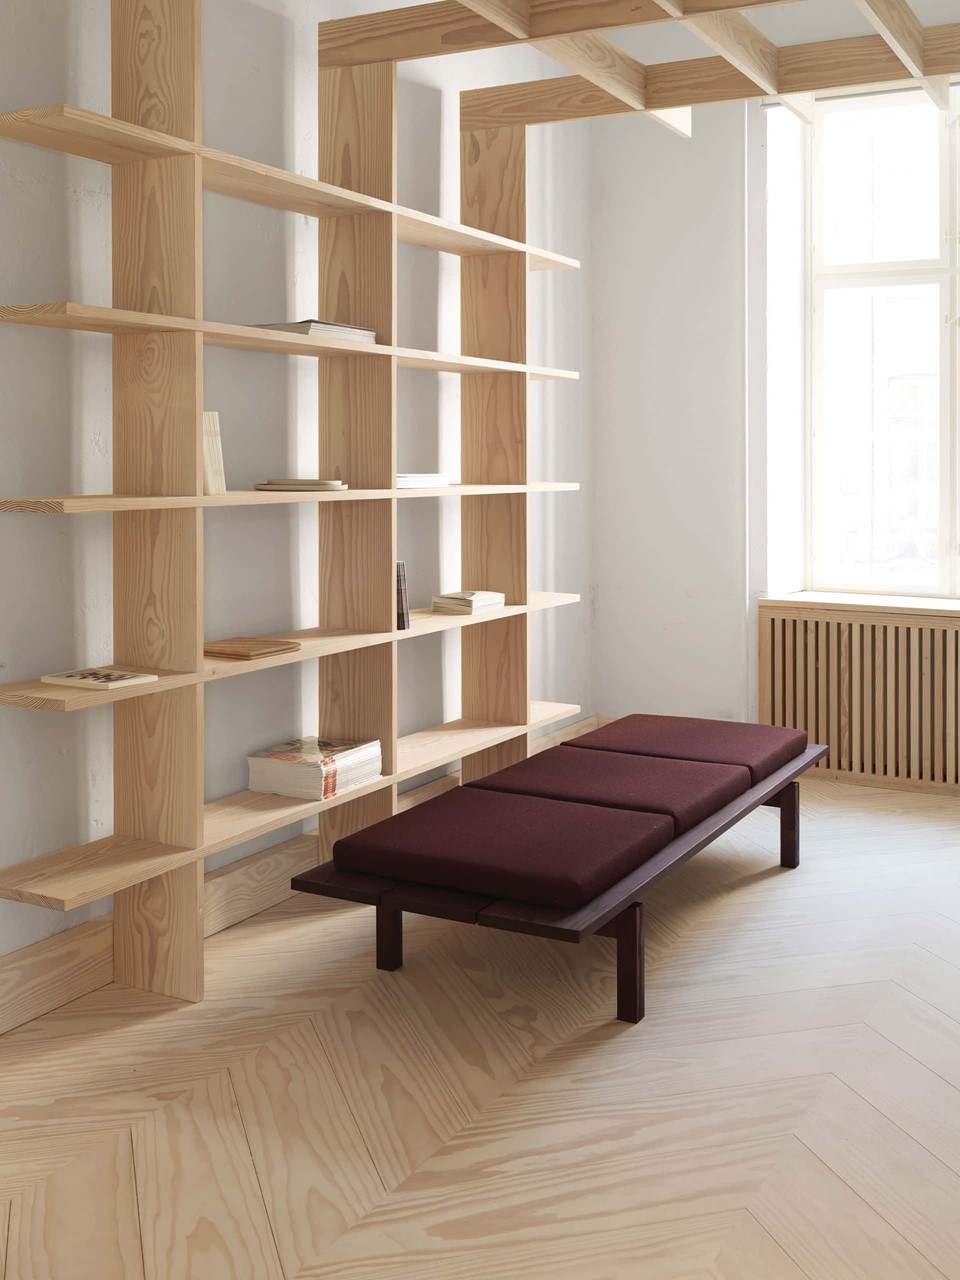 douglas-chevron-flooring_dinesen-showroom-copenhagen_dinesen.jpg